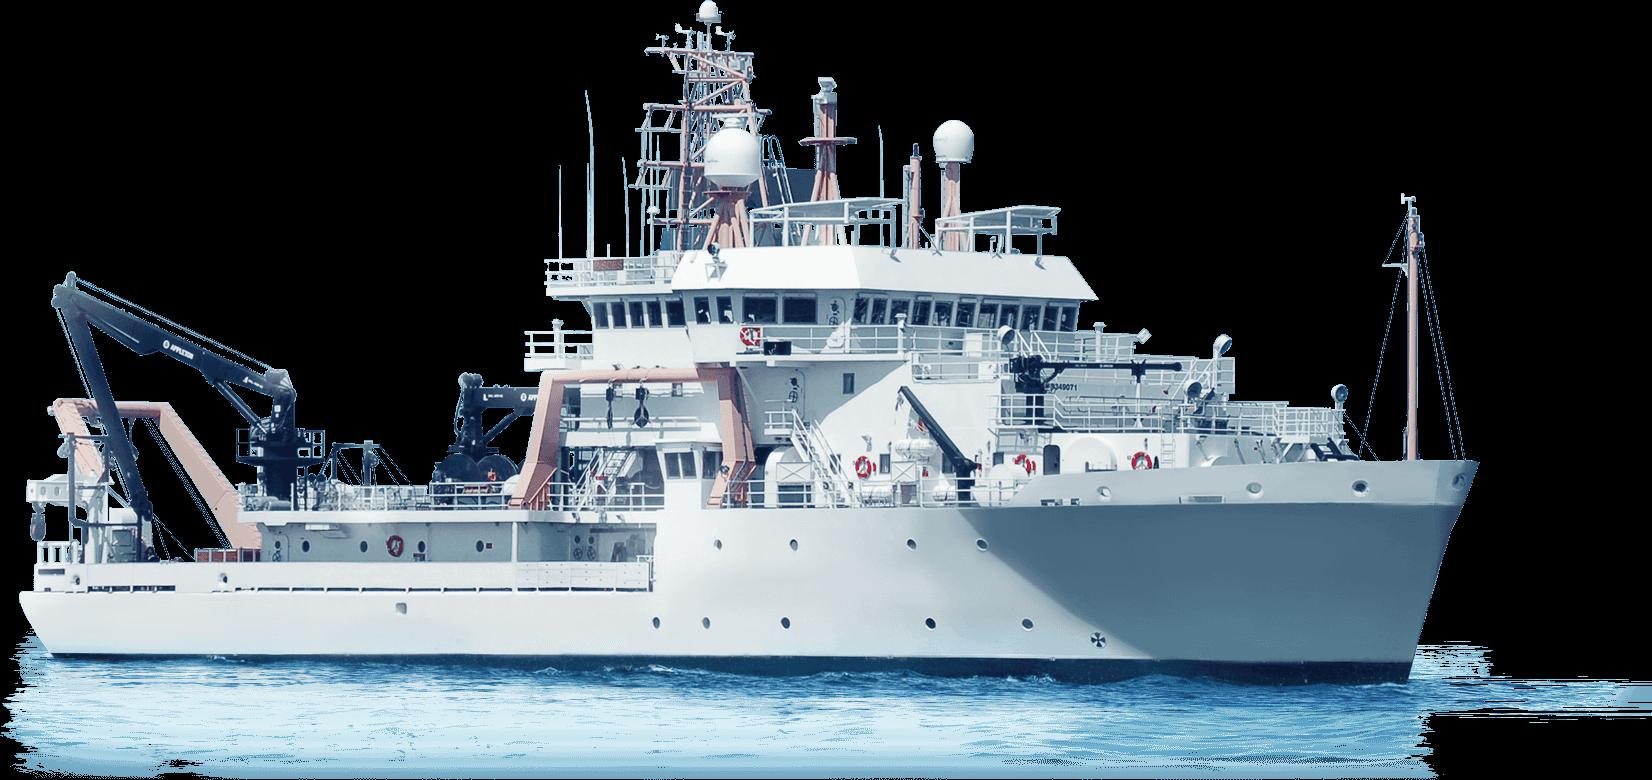 Big ship png image. Navy clipart warship